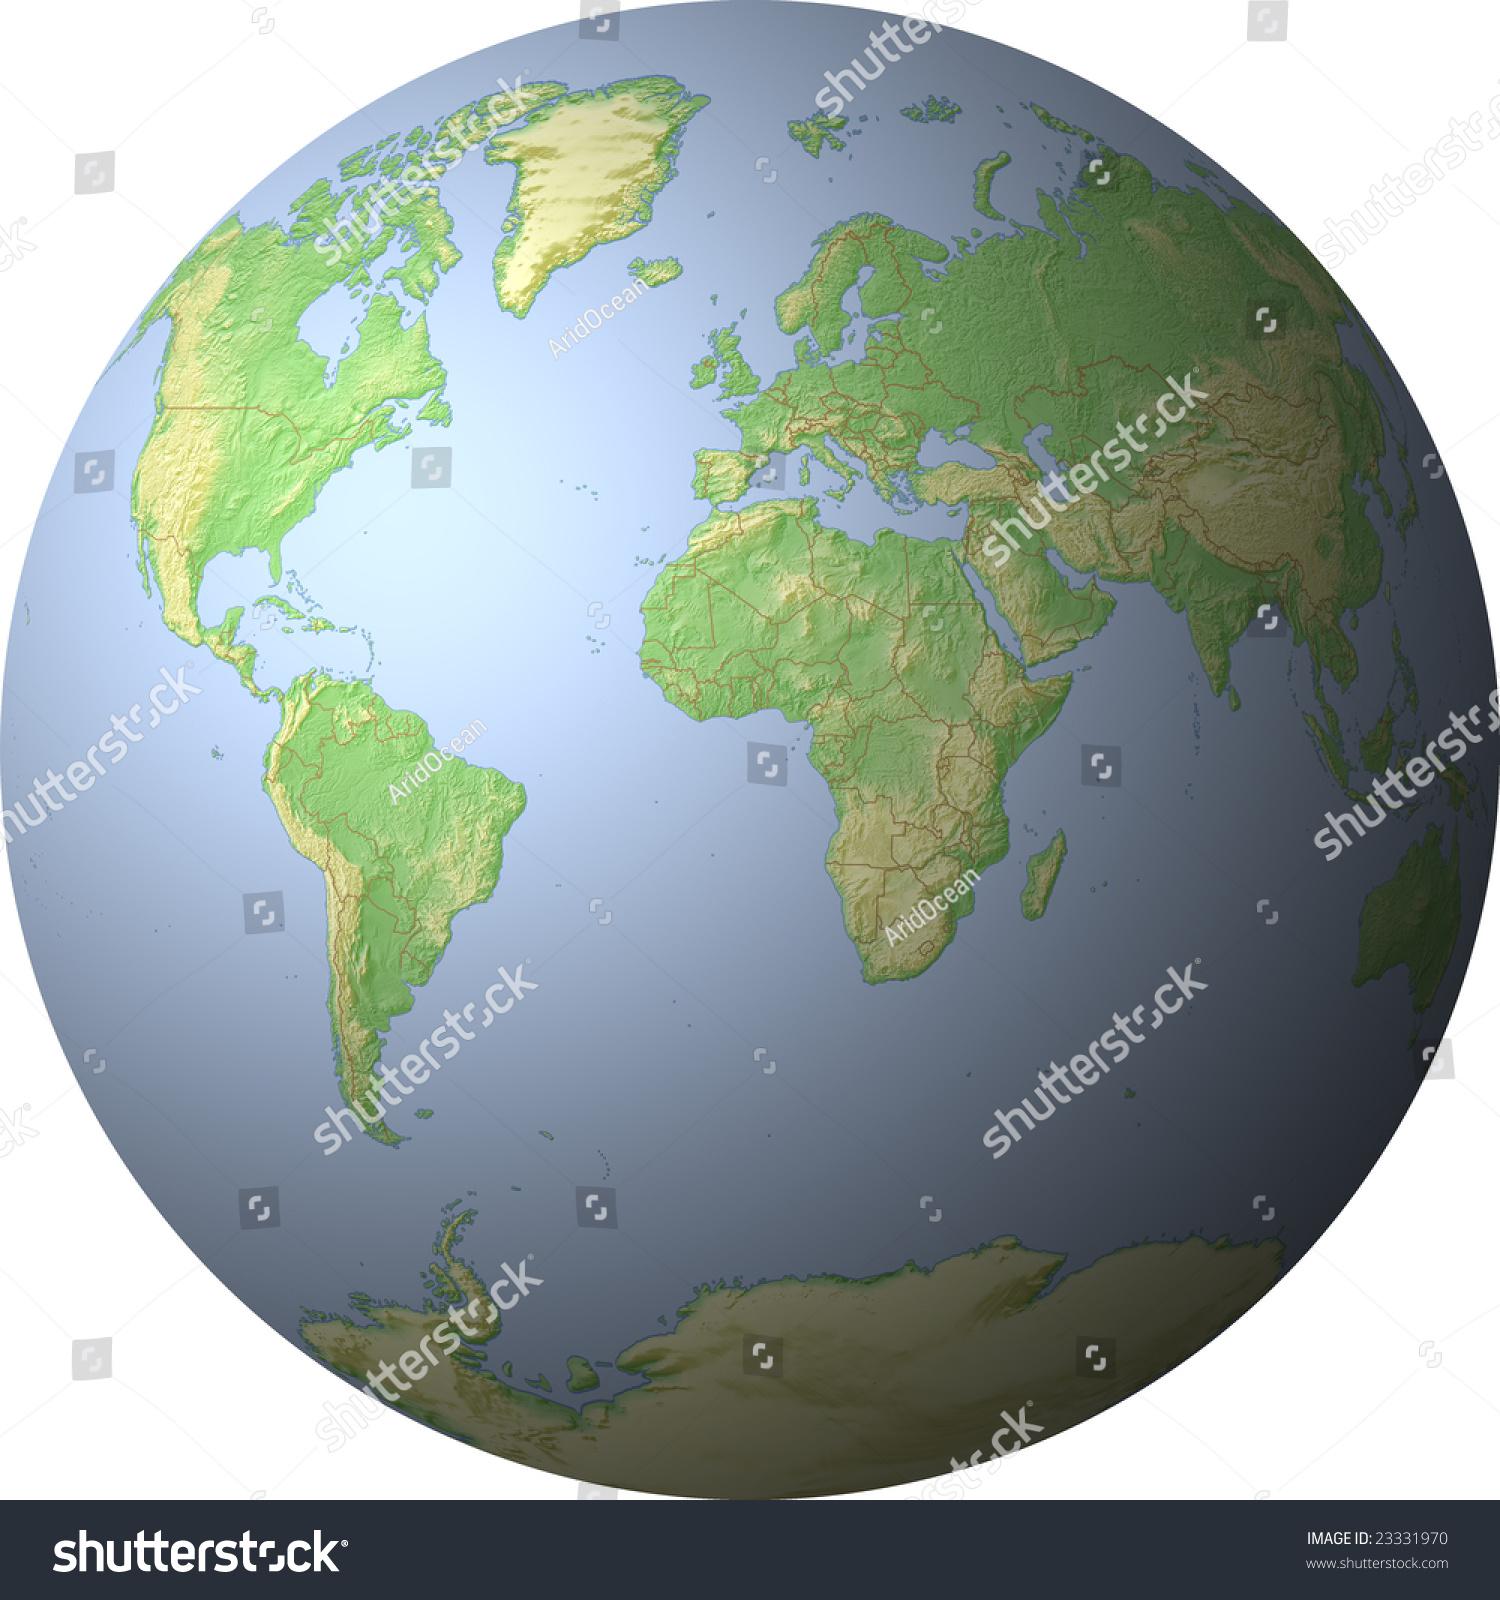 World Map Showing Whole World On Stock Illustration 23331970 ...